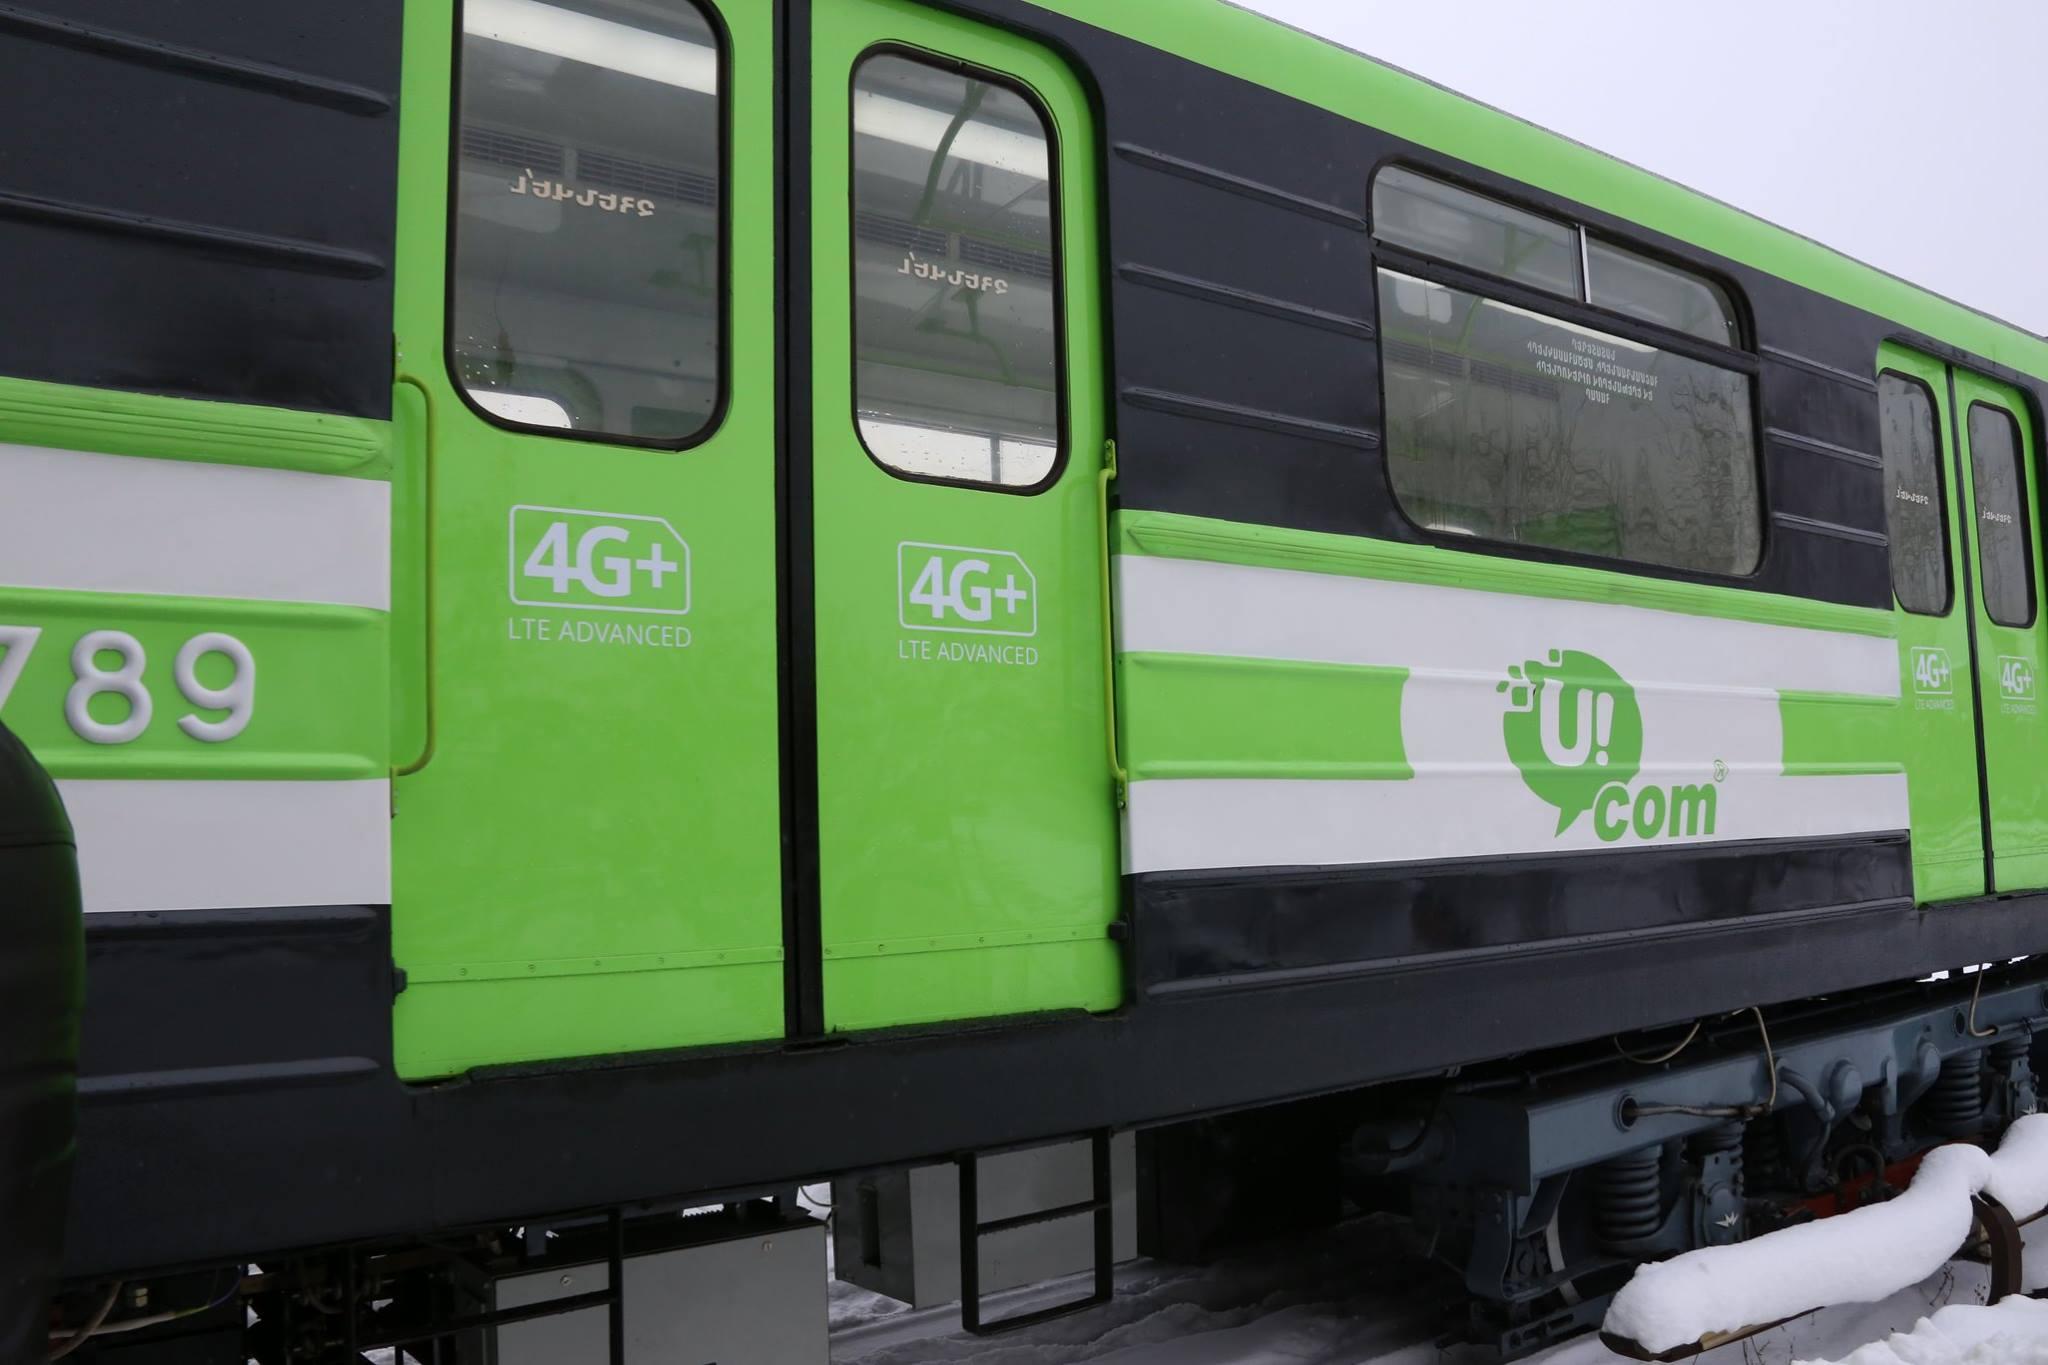 Ucom. շարժական կապն այժմ հասանելի է Դիլիջանի թունելում ու Երևանի մետրոյում